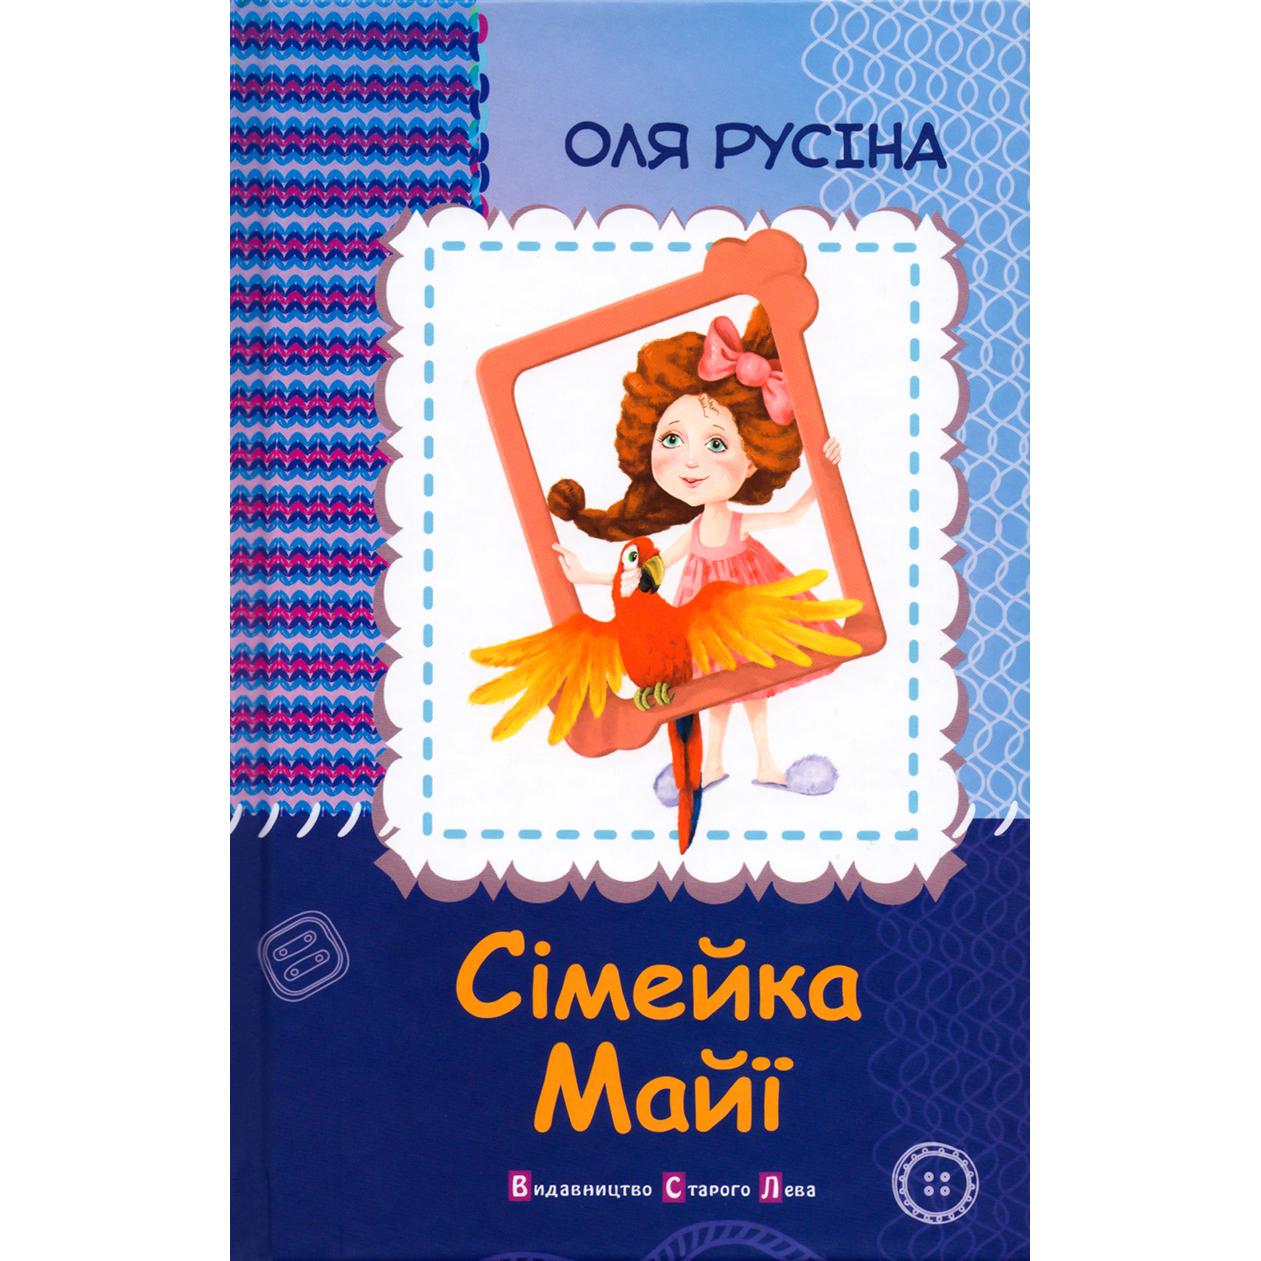 Купити дитячу книгу Сімейка Майї, Оля Русіна, ВСЛ | Bukio